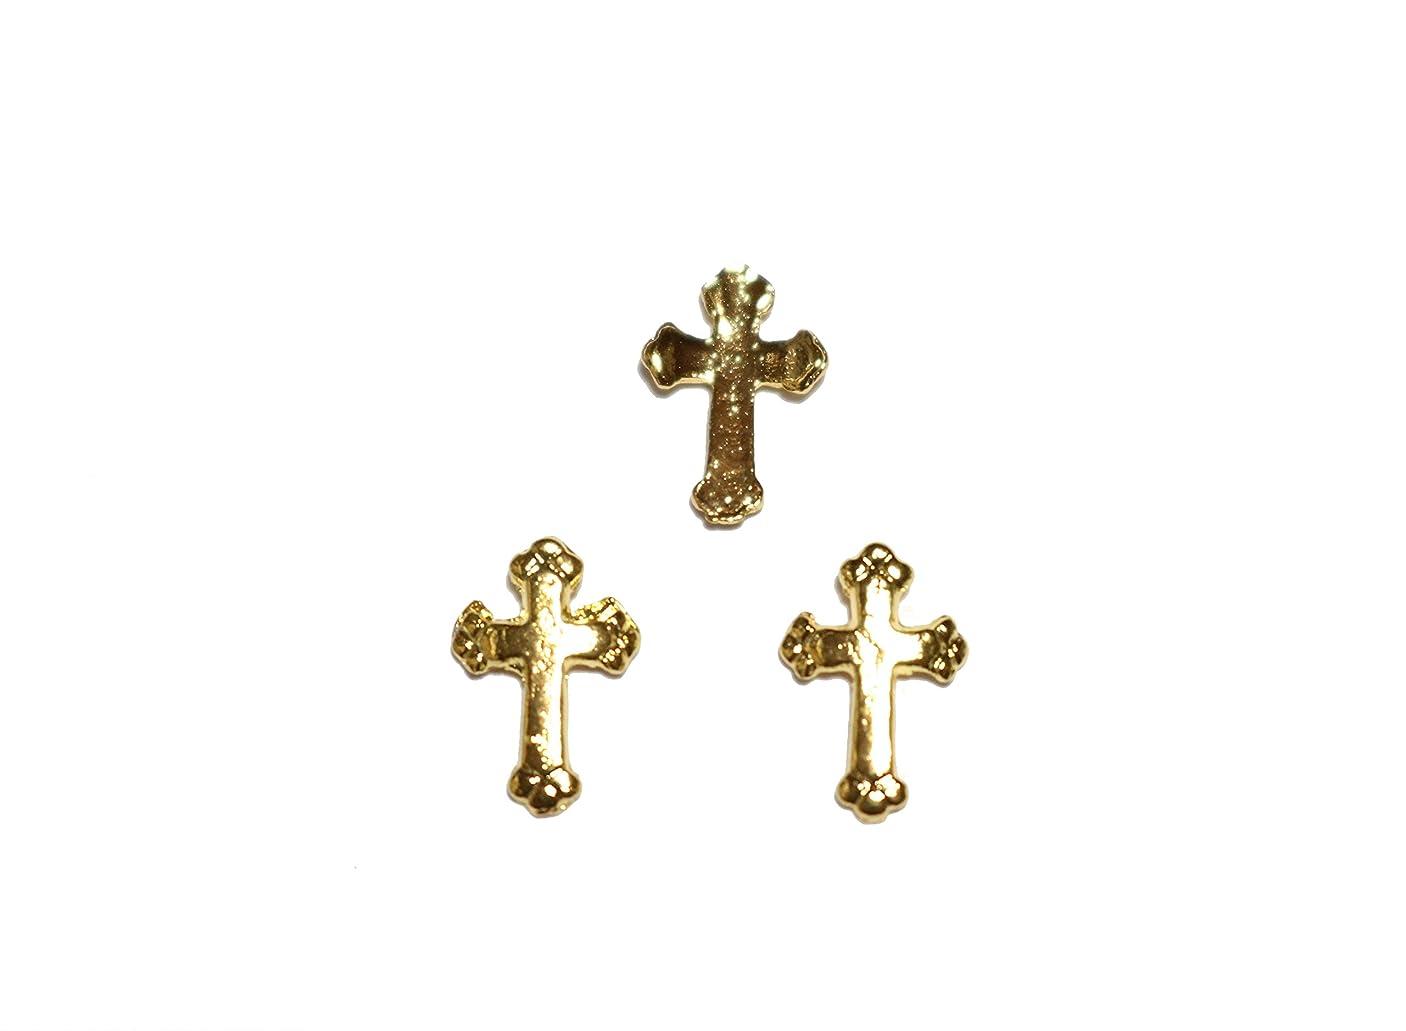 画家不変モール【jewel】メタルネイルパーツ クロス 5個入 ゴールドorシルバー 十字架型 スタッズ ジェルネイル デコ素材 (ゴールド)